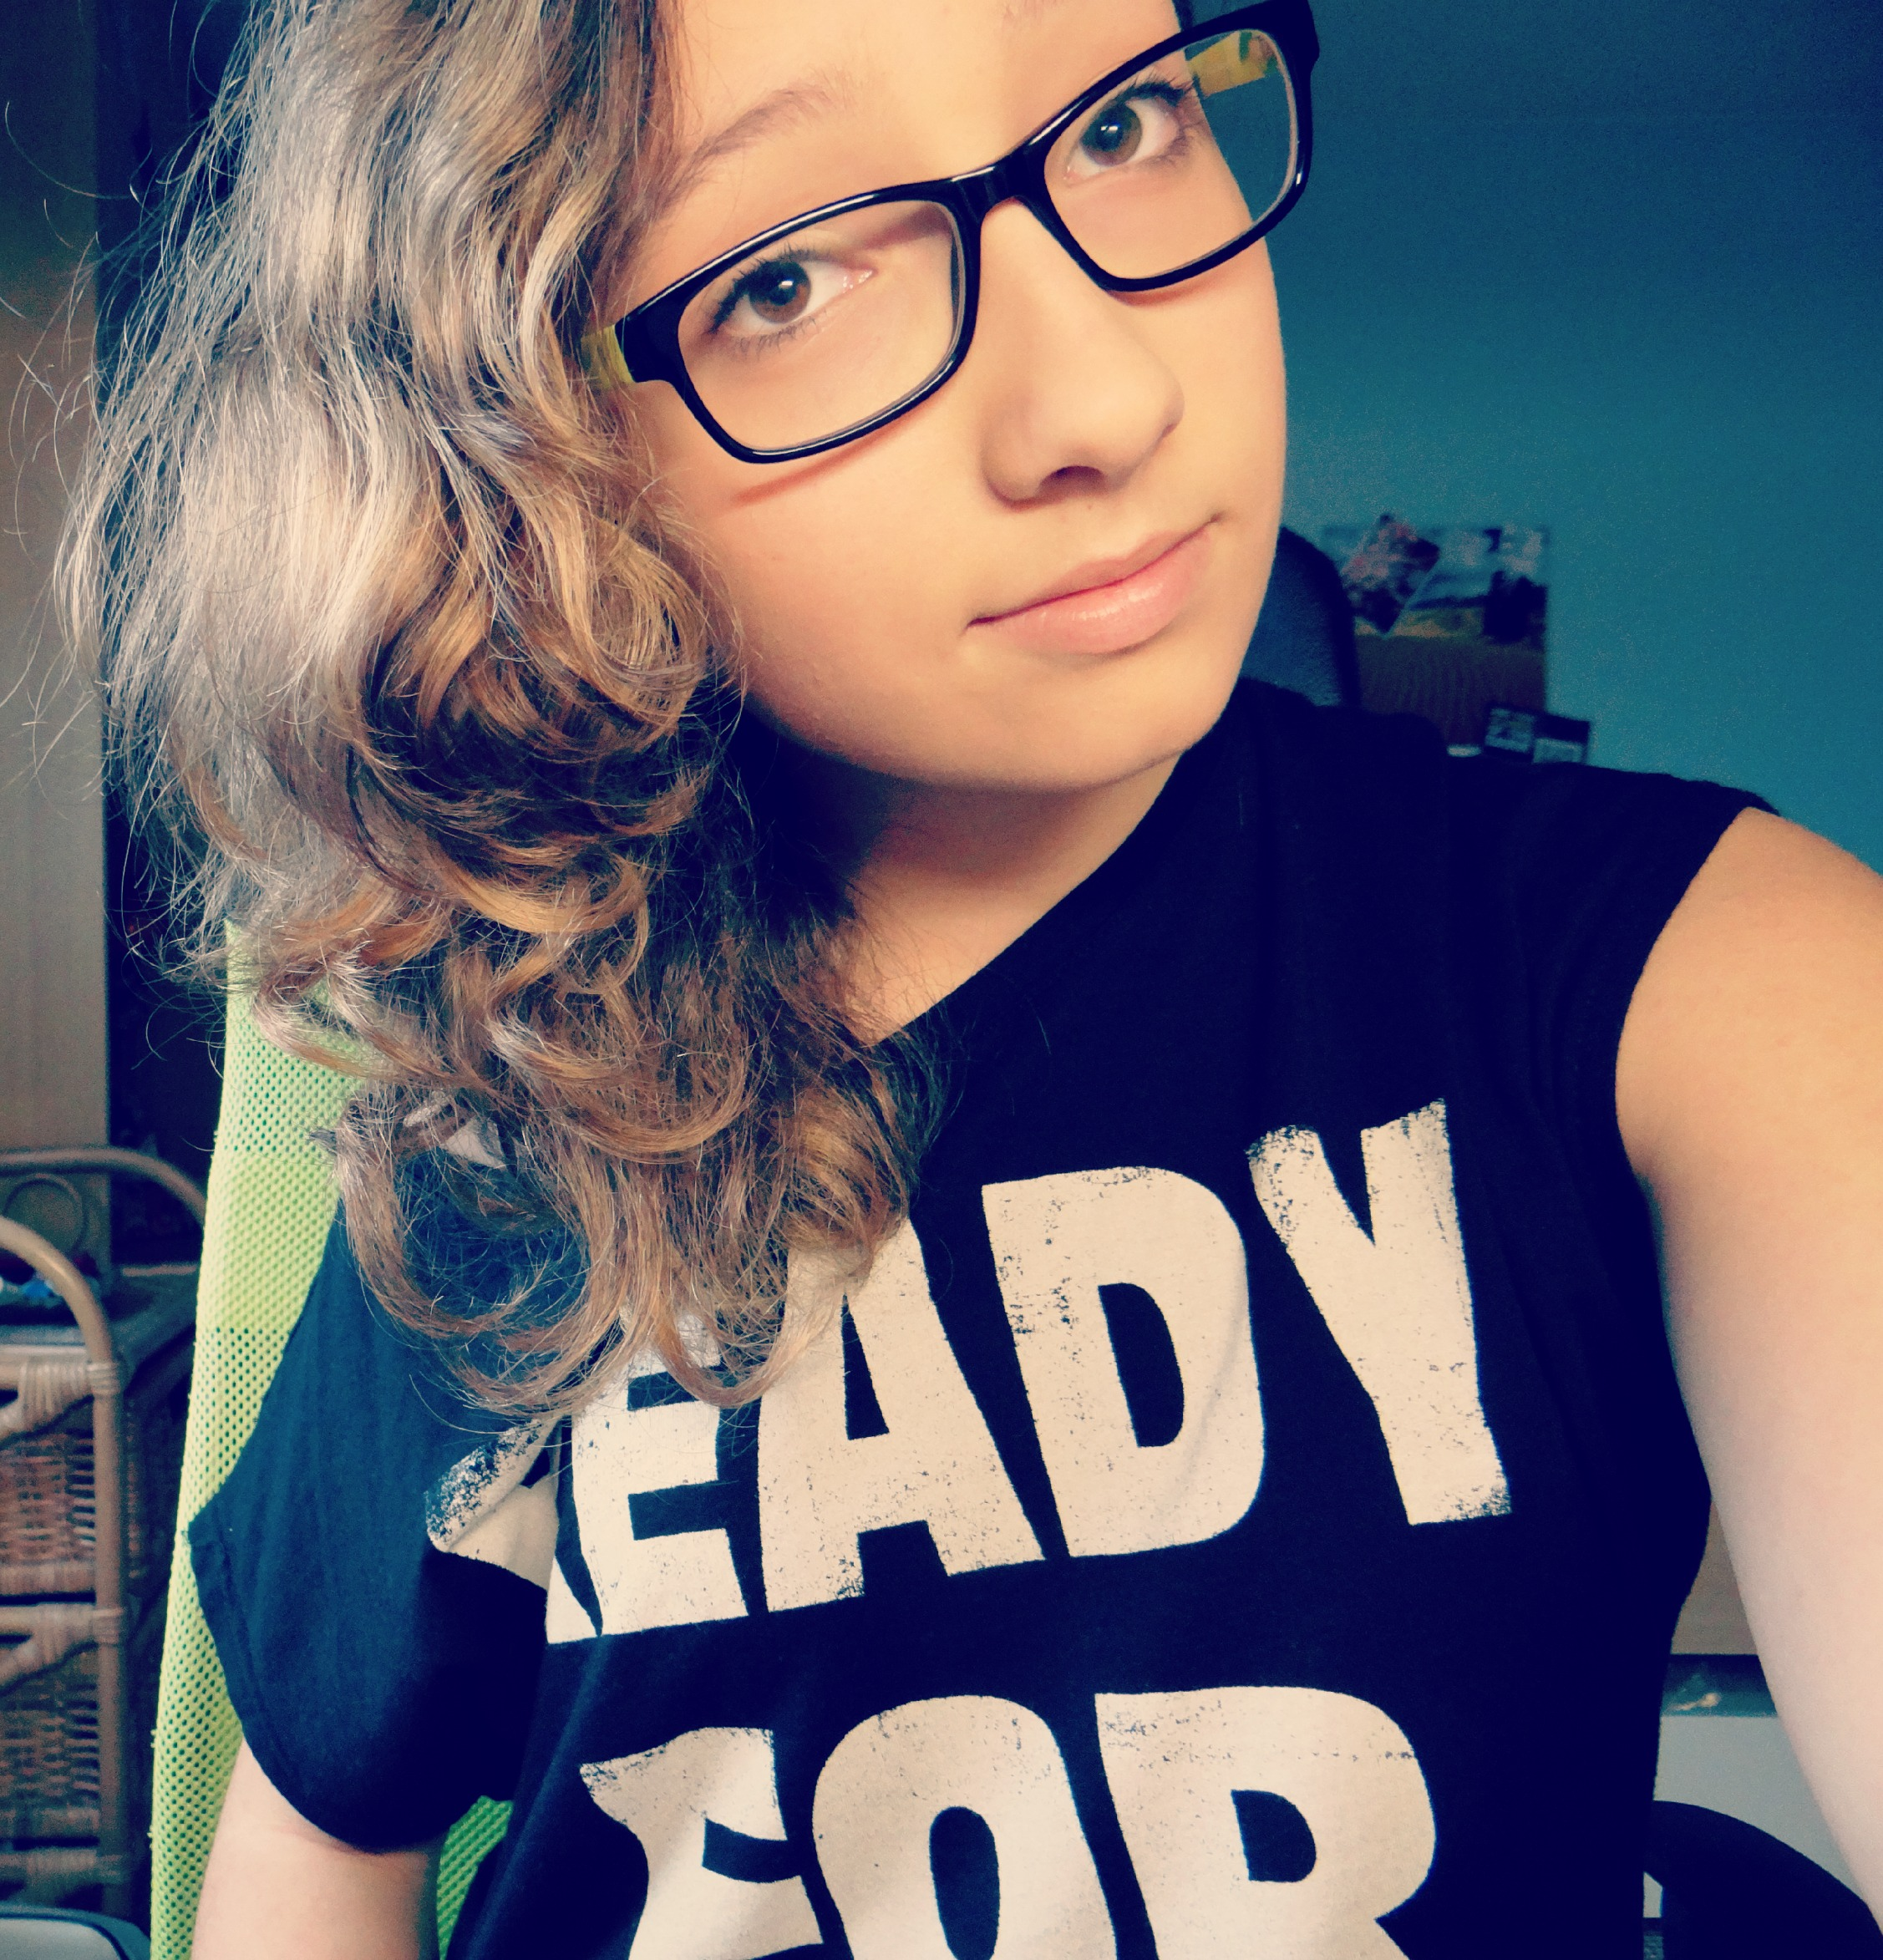 Stehen mir zusammengemachte haare oder offene besser? :-)